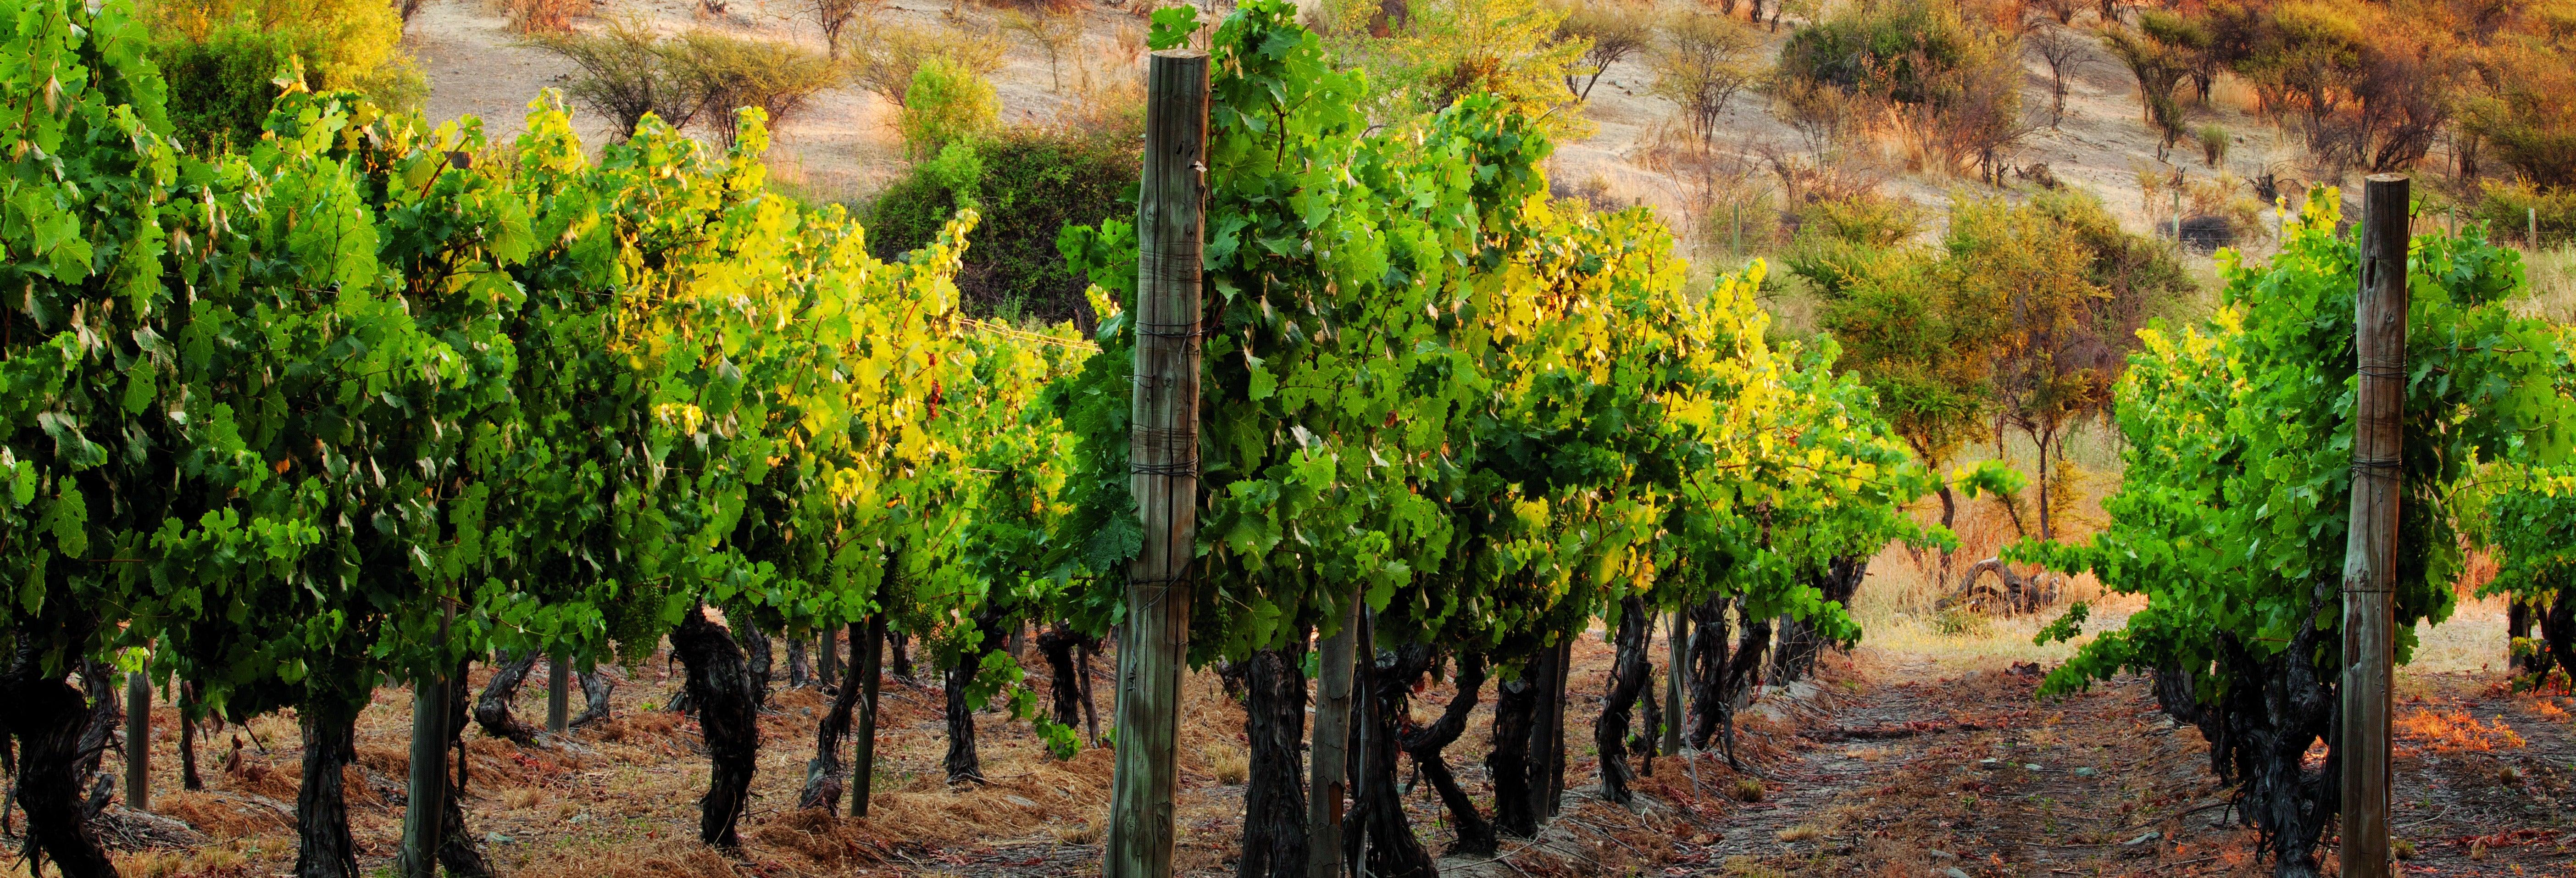 Tour del vino Carménère por la bodega Viña Santa Rita